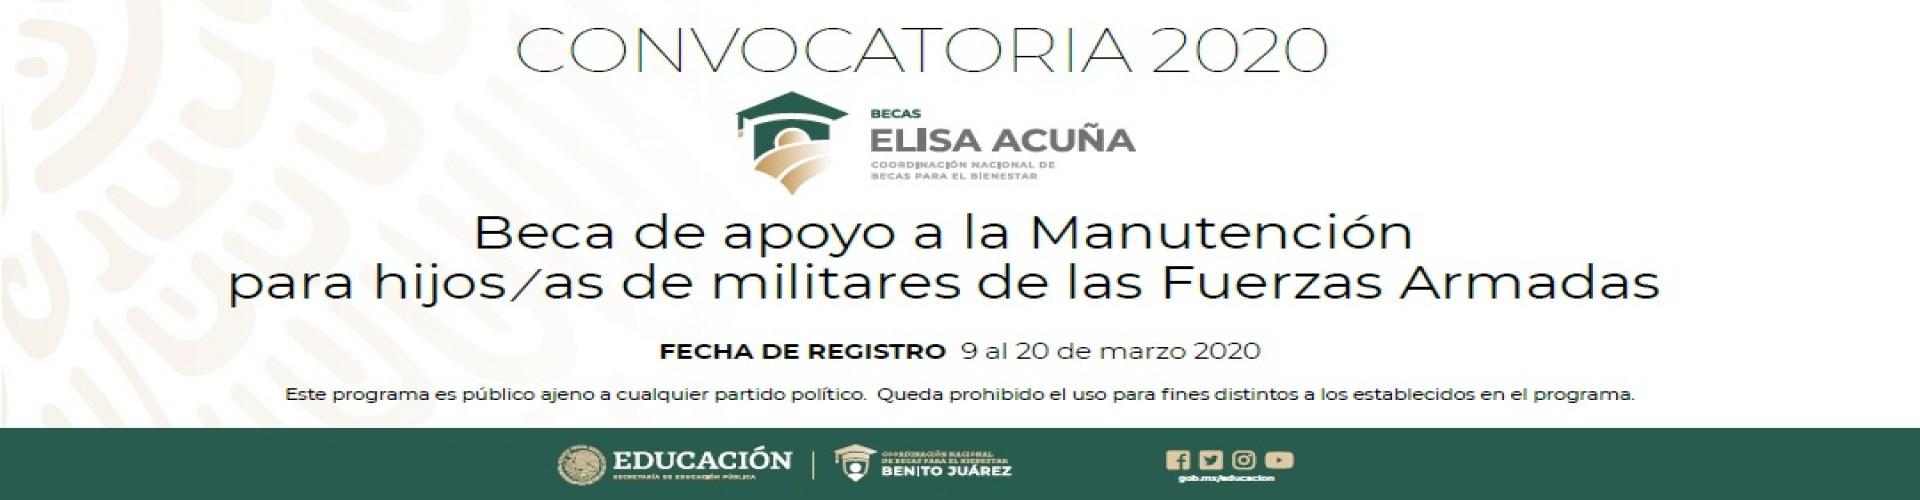 Convocatoria para la Beca de apoyo a la Manutención para hijos(as) de militares de las Fuerzas armadas